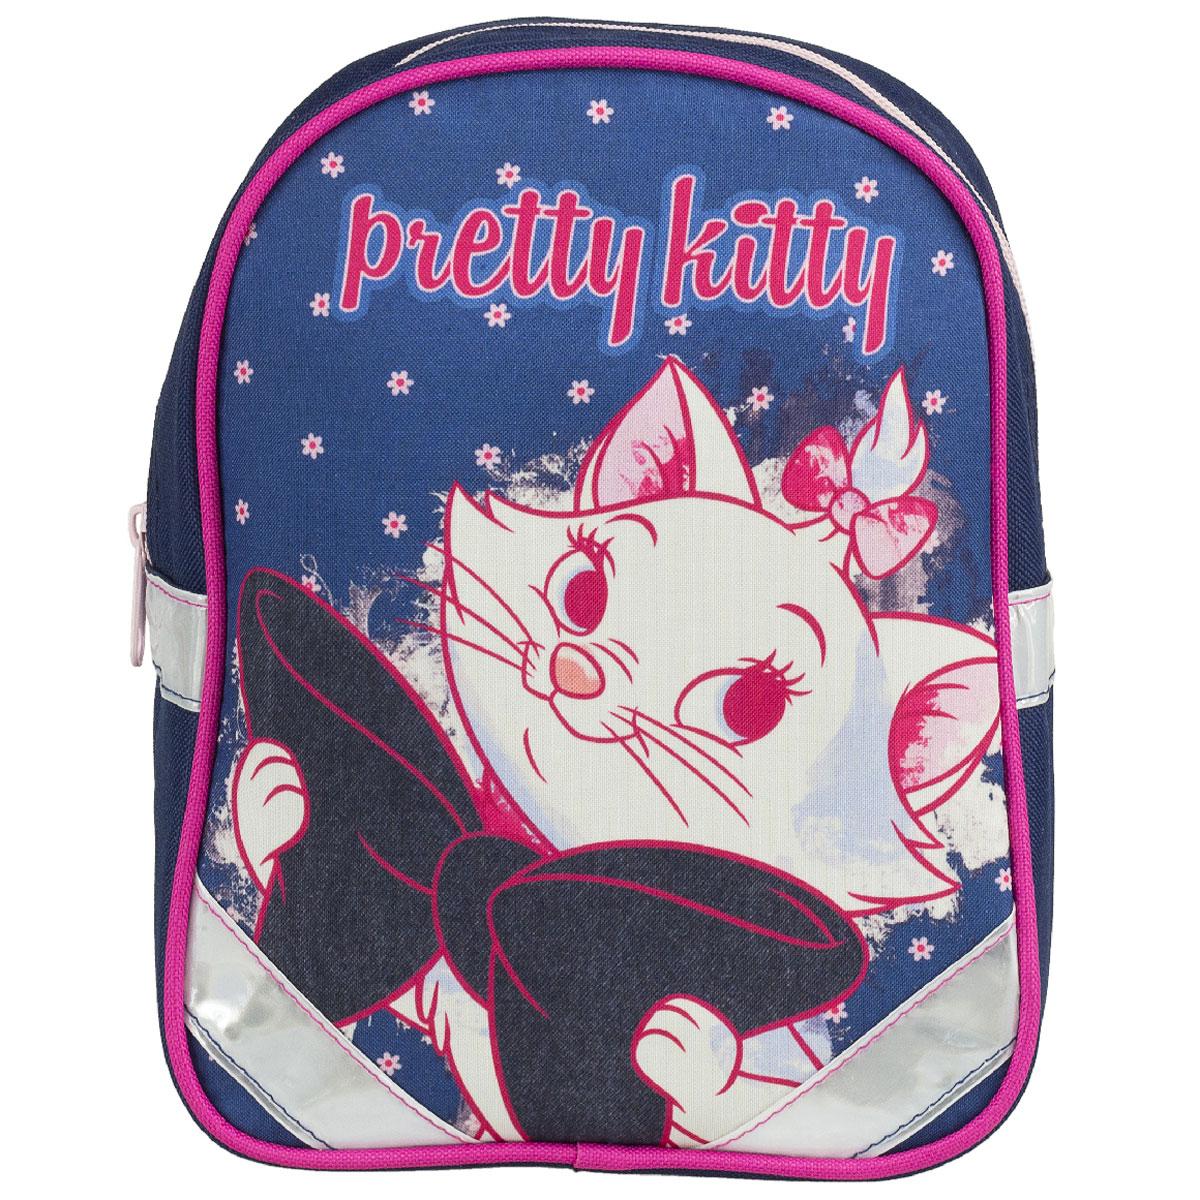 Рюкзак детский Kinderline Marie Cat, цвет: синий, белый, розовый72523WDРюкзак детский Kinderline Marie Cat выполнен из износоустойчивых материалов с водонепроницаемой основой, декорирован ярким рисунком. Рюкзак имеет одно вместительное основное отделение, закрывающееся на молнию.Ранец оснащен светоотражателями, удобной ручкой для переноски и двумя широкими лямками, регулируемой длины. С модным рюкзаком Marie Cat ваша малышка будет звездой! Стильный и продуманный до мелочей рюкзак позаботится о том, чтобы прогулки доставляли ребенку только удовольствие.